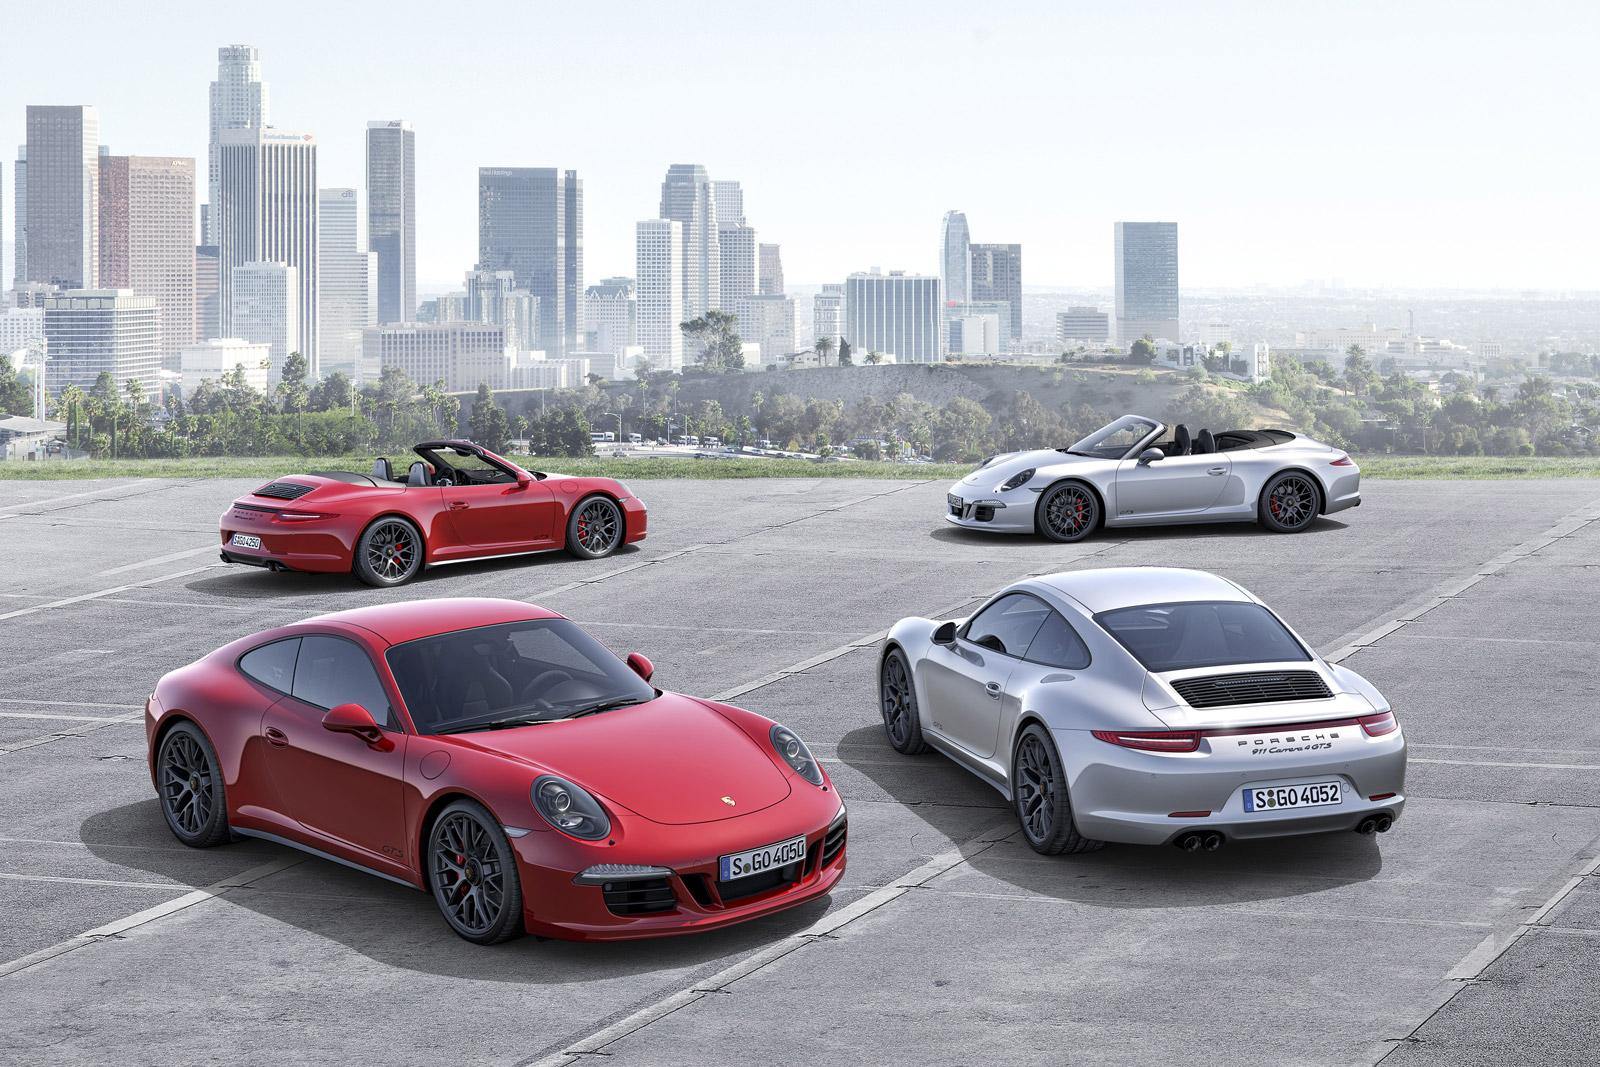 Tesla All Wheel Drive Porsche 911 Gts Aeromobil Flying Car The Week In Reverse